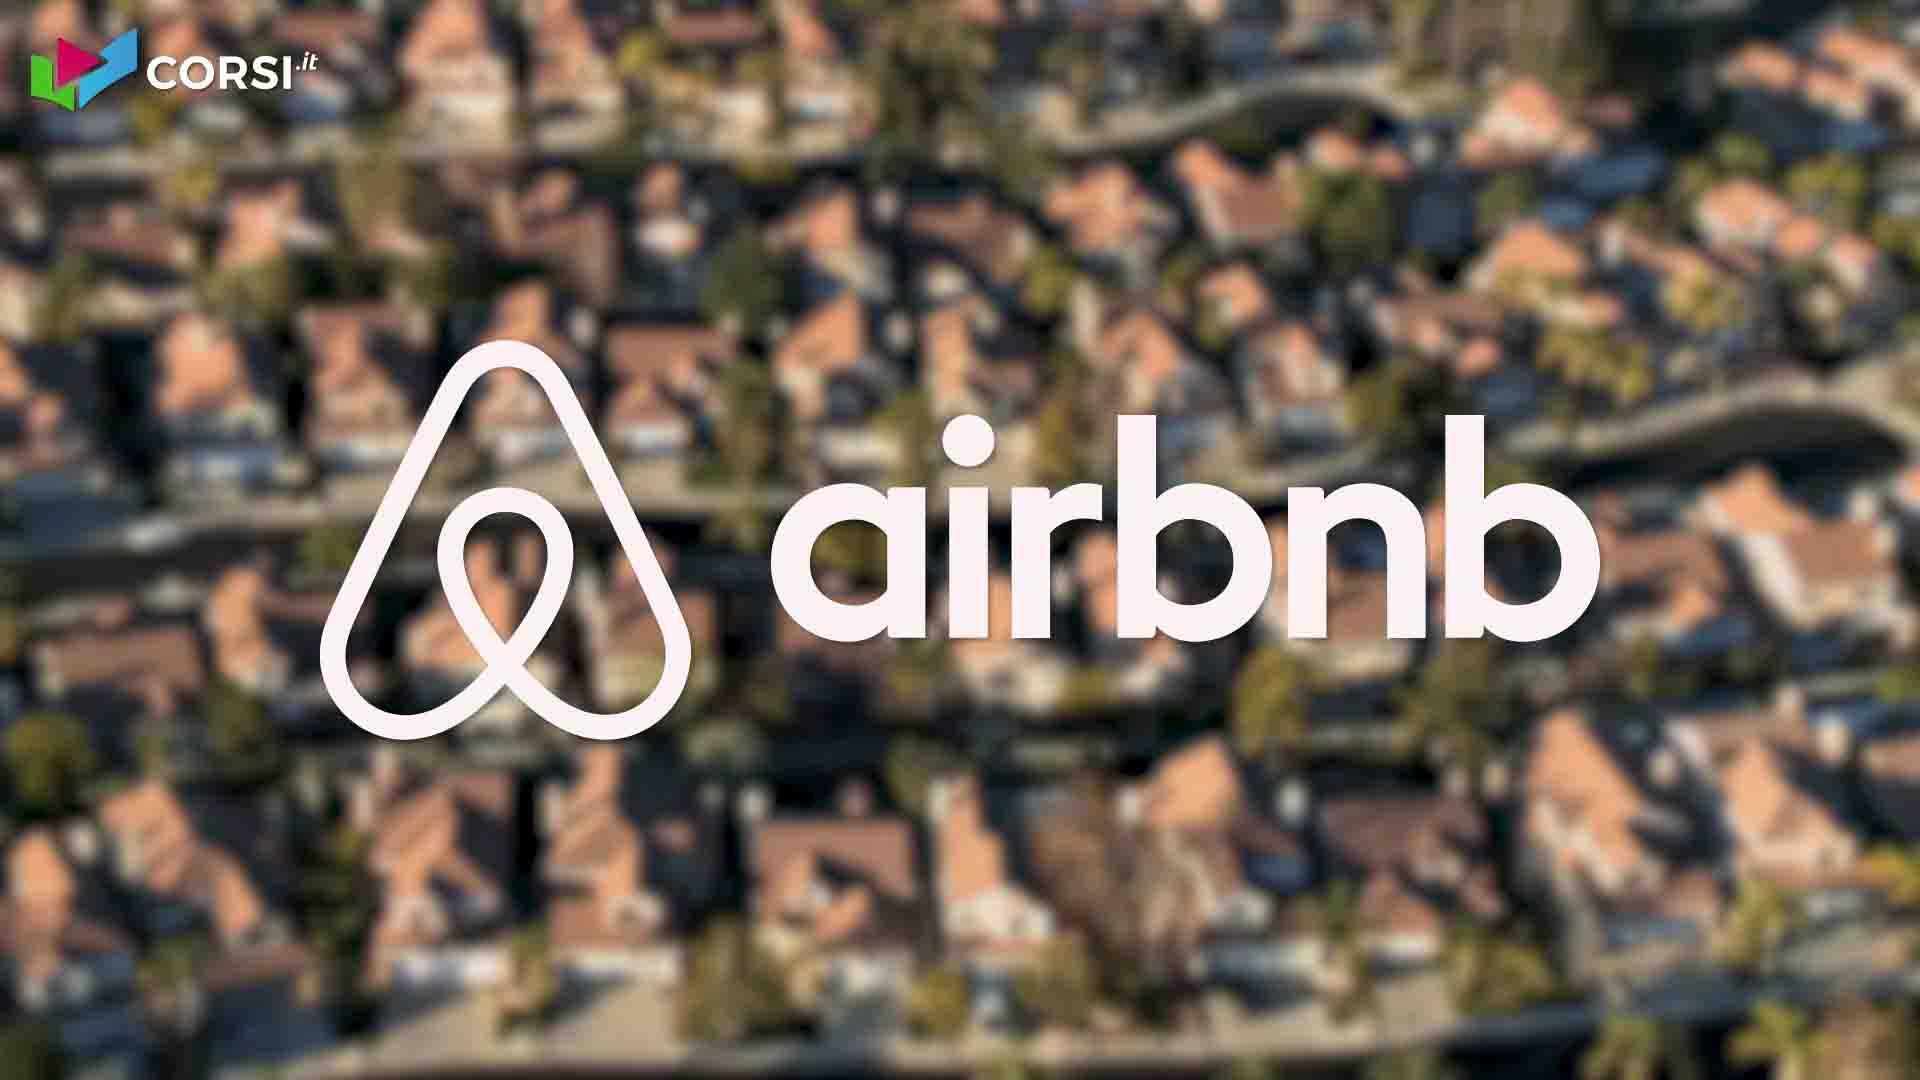 Airbnb Facile: tutto quello che non ti dicono per guadagnare affittando immobili con Airbnb